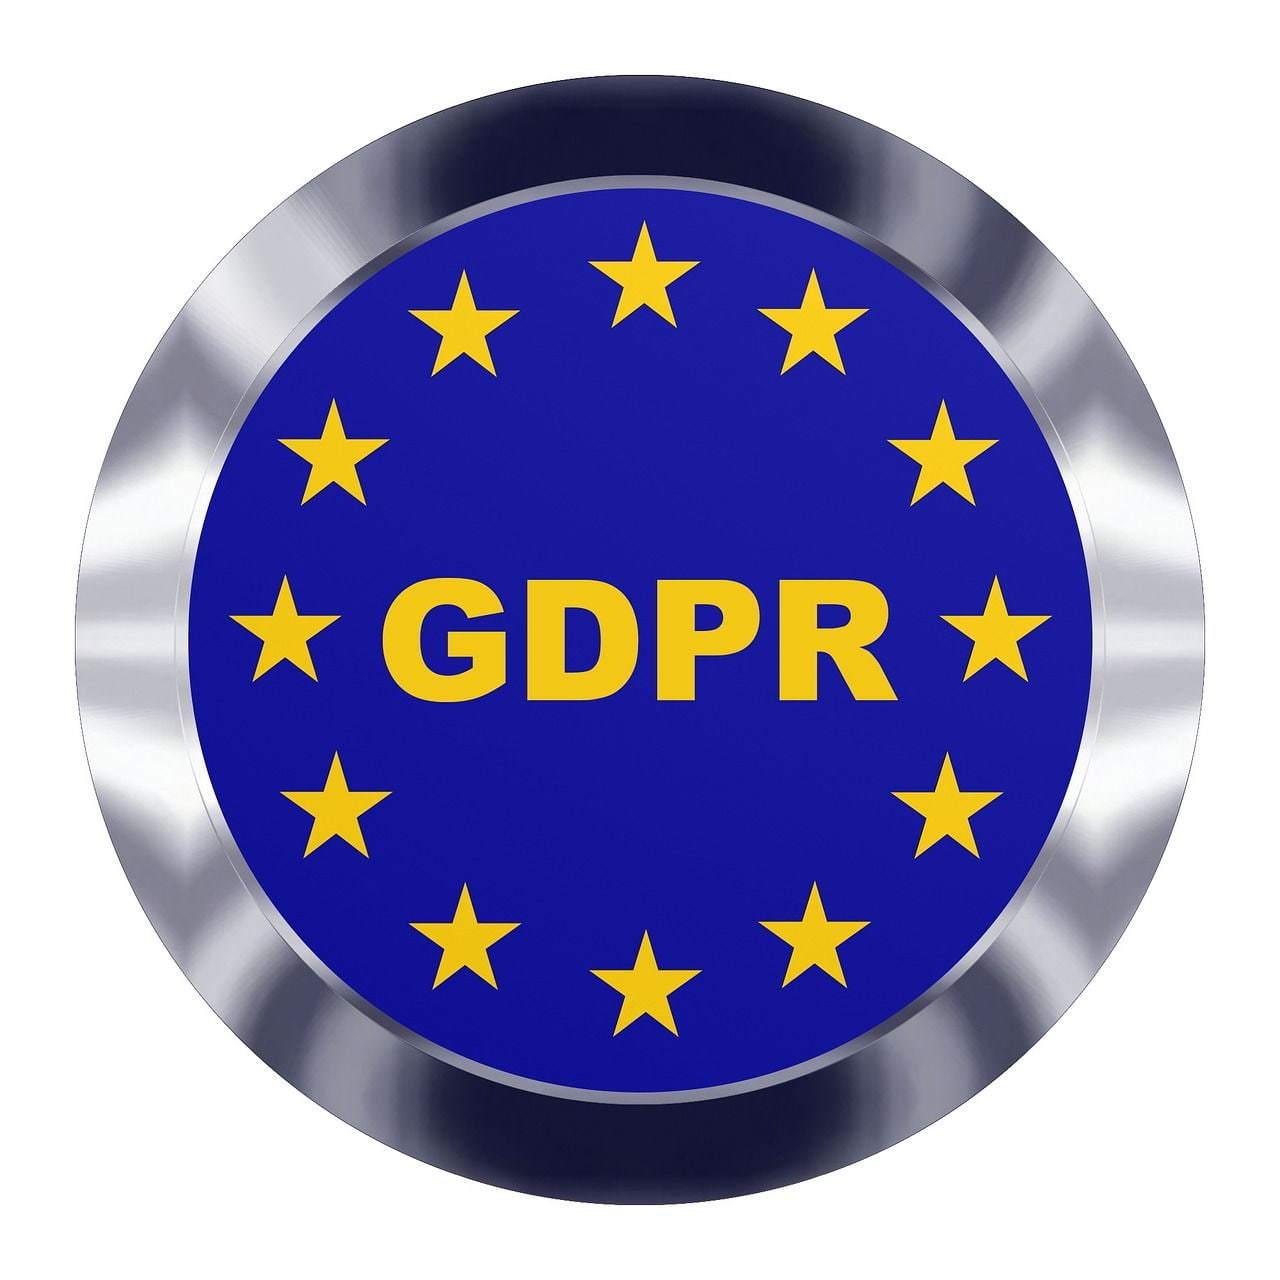 EU:n yleinen tietosuoja-asetus (GDPR) voimaan 25.5.2018